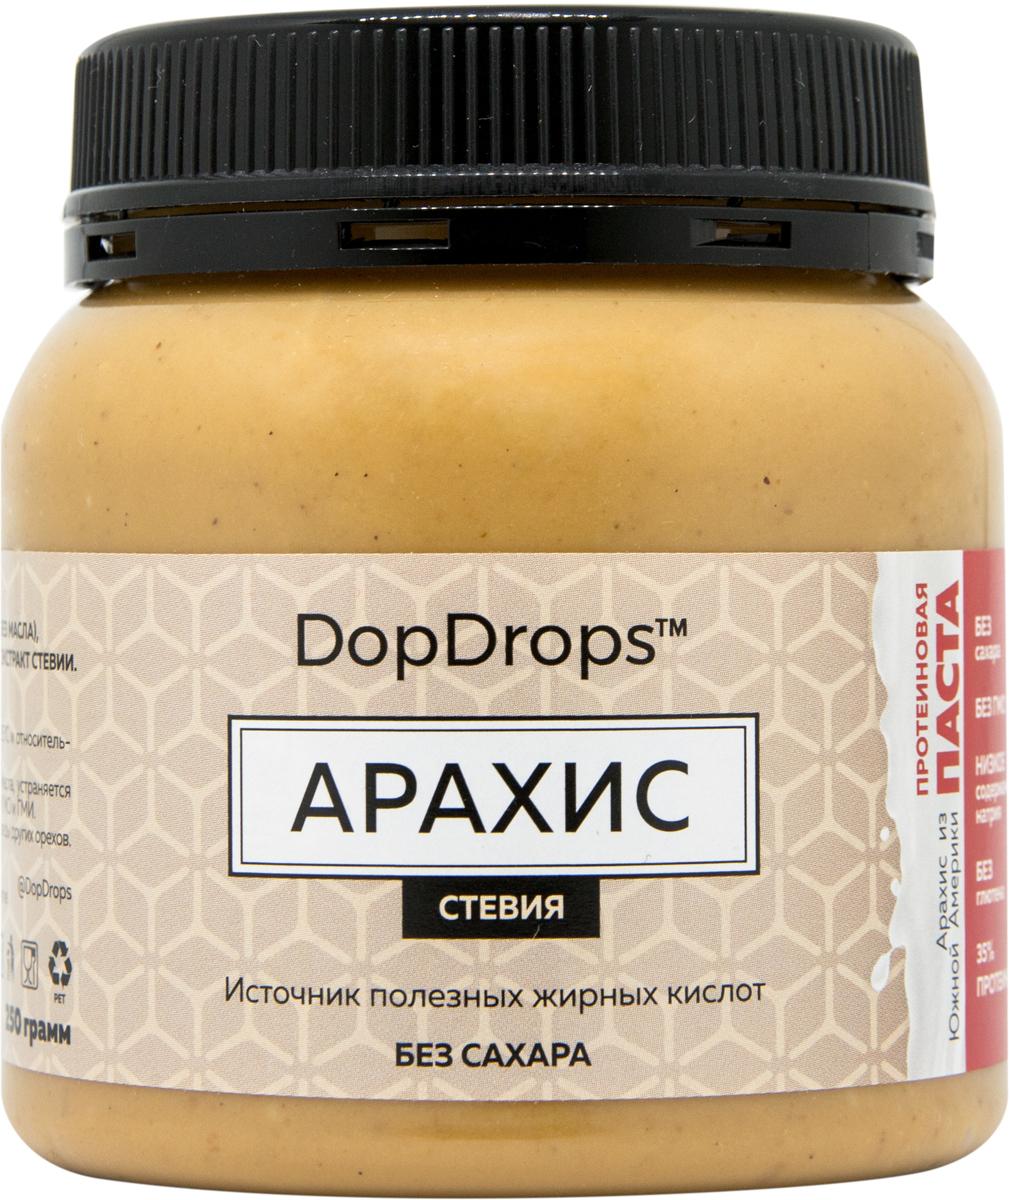 Паста протеиновая DopDrops Арахис, стевия, 250 гDOPD-PB25-PRSTНаходясь в постоянном поиске, мы решили создать продукт, в котором Вы будете уверены на все 100%.Секрет прост: никаких секретов!Мы доставляем самый лучший арахис из Южной Америки. Термическую обработку, являющуюся важнейшей частью производства, мы делаем сами, чтобы четко отслеживать температуру процесса. Мы НЕ обжариваем арахис и не добавляем жиры. Мы использовали лучший источник белка: изолят сывороточного протеина. А для VEGAN протеиновых паст - концентрат подсолнечного протеина. Эталонный аминокислотный профиль без ненужных углеводов, без жиров и без аллергенов. Лучшие ингредиенты. Продукты начинаются с ингредиентов. Именно поэтому мы самостоятельно отбираем все ингредиенты, тщательно контролируя их качество.Чистый состав. Мы не добавляем ничего лишнего: только то, что должно быть в этом продукте.Честная этикетка. Мы указали на банке ВСЕ ингредиенты, которые входят в состав. Будьте уверены в том, что предлагаете, на 100%.Полный цикл производства. Мы сделали полный цикл производства, чтобы лично контролировать качество каждого компонента и весь технологический процесс.Лучшие ингредиенты - лучший продукт!Состав: Ядра арахиса тёртые (печёные без масла), изолят сывороточного белка, экстракт стевии.